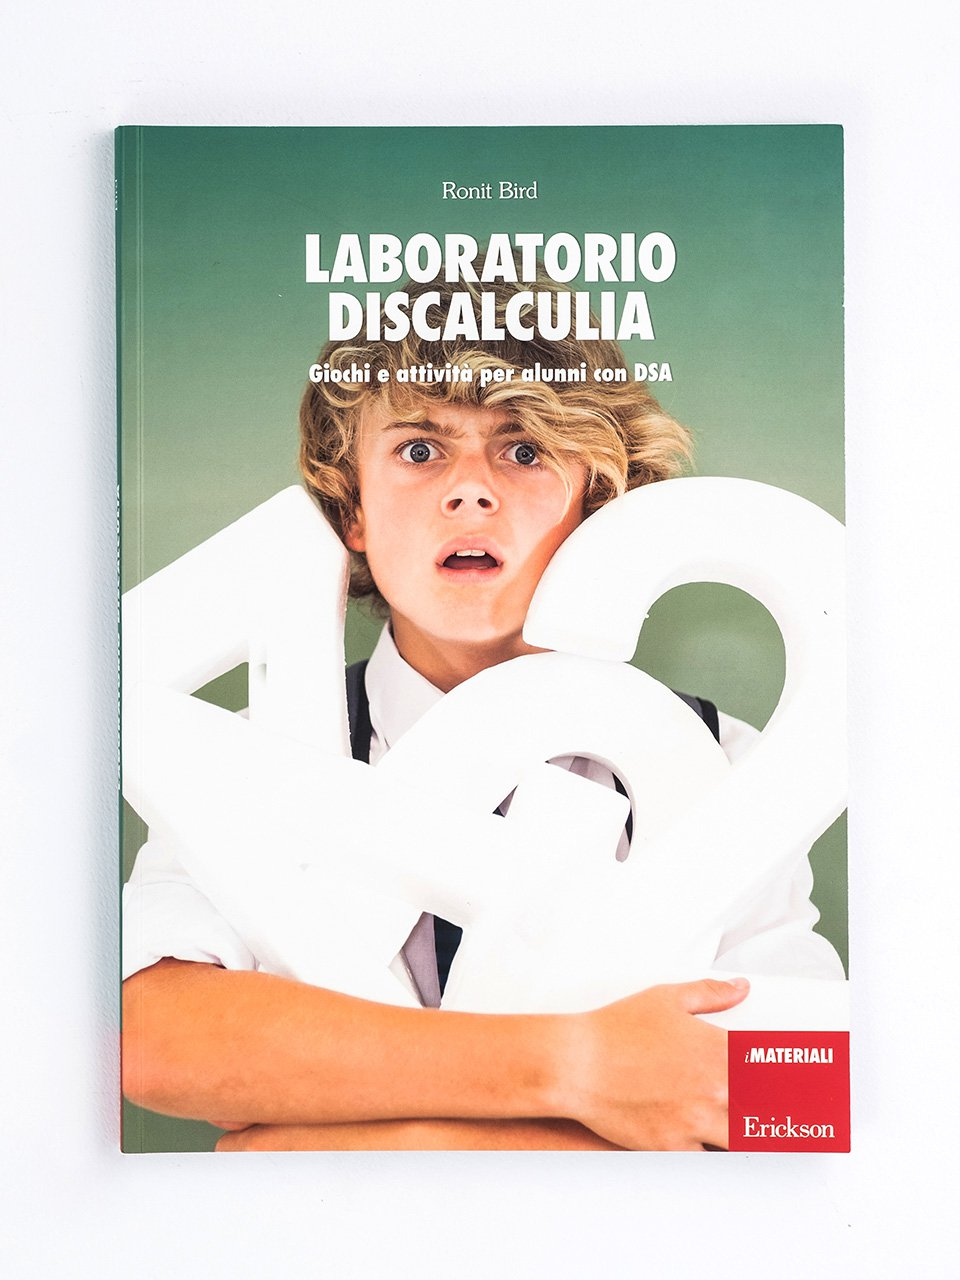 Laboratorio discalculia - La regolazione delle emozioni in psicoterapia - Libri - Erickson